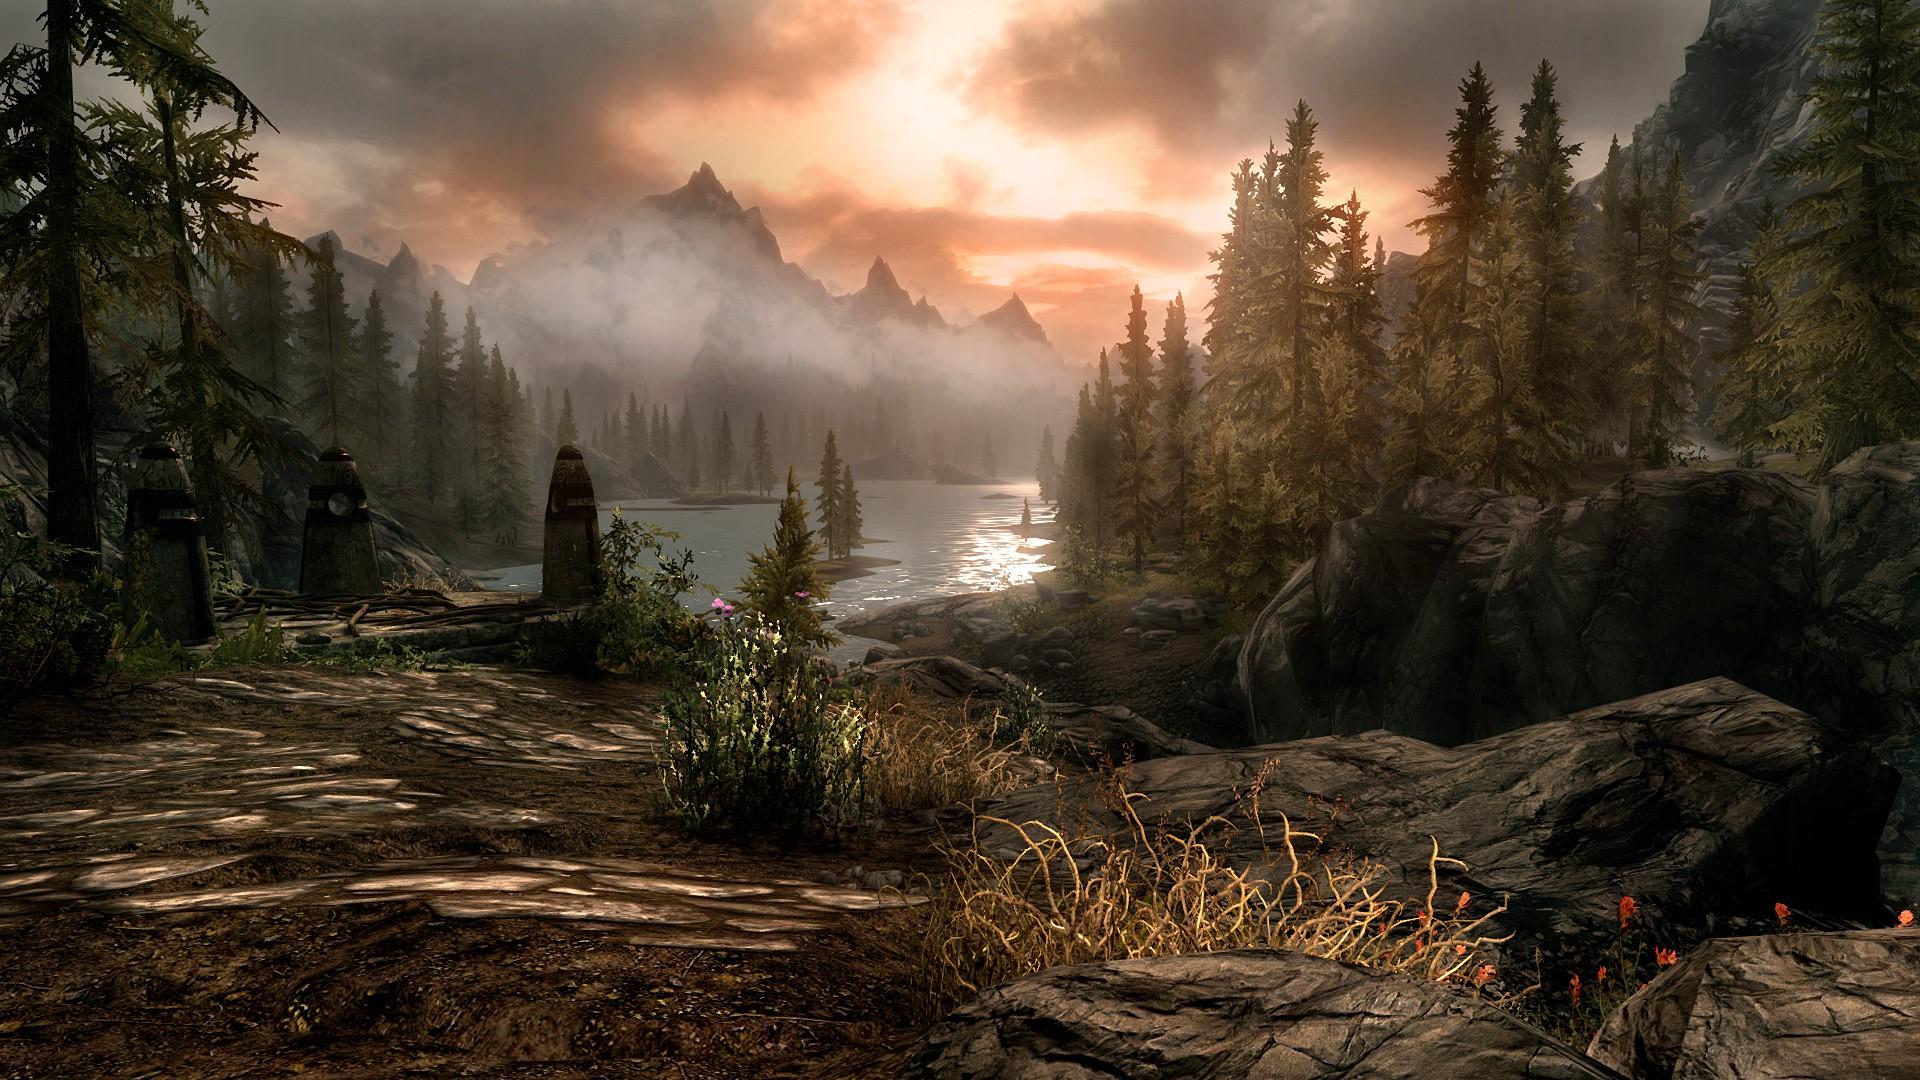 Skyrim HD Wallpaper ·① Download Free Beautiful High